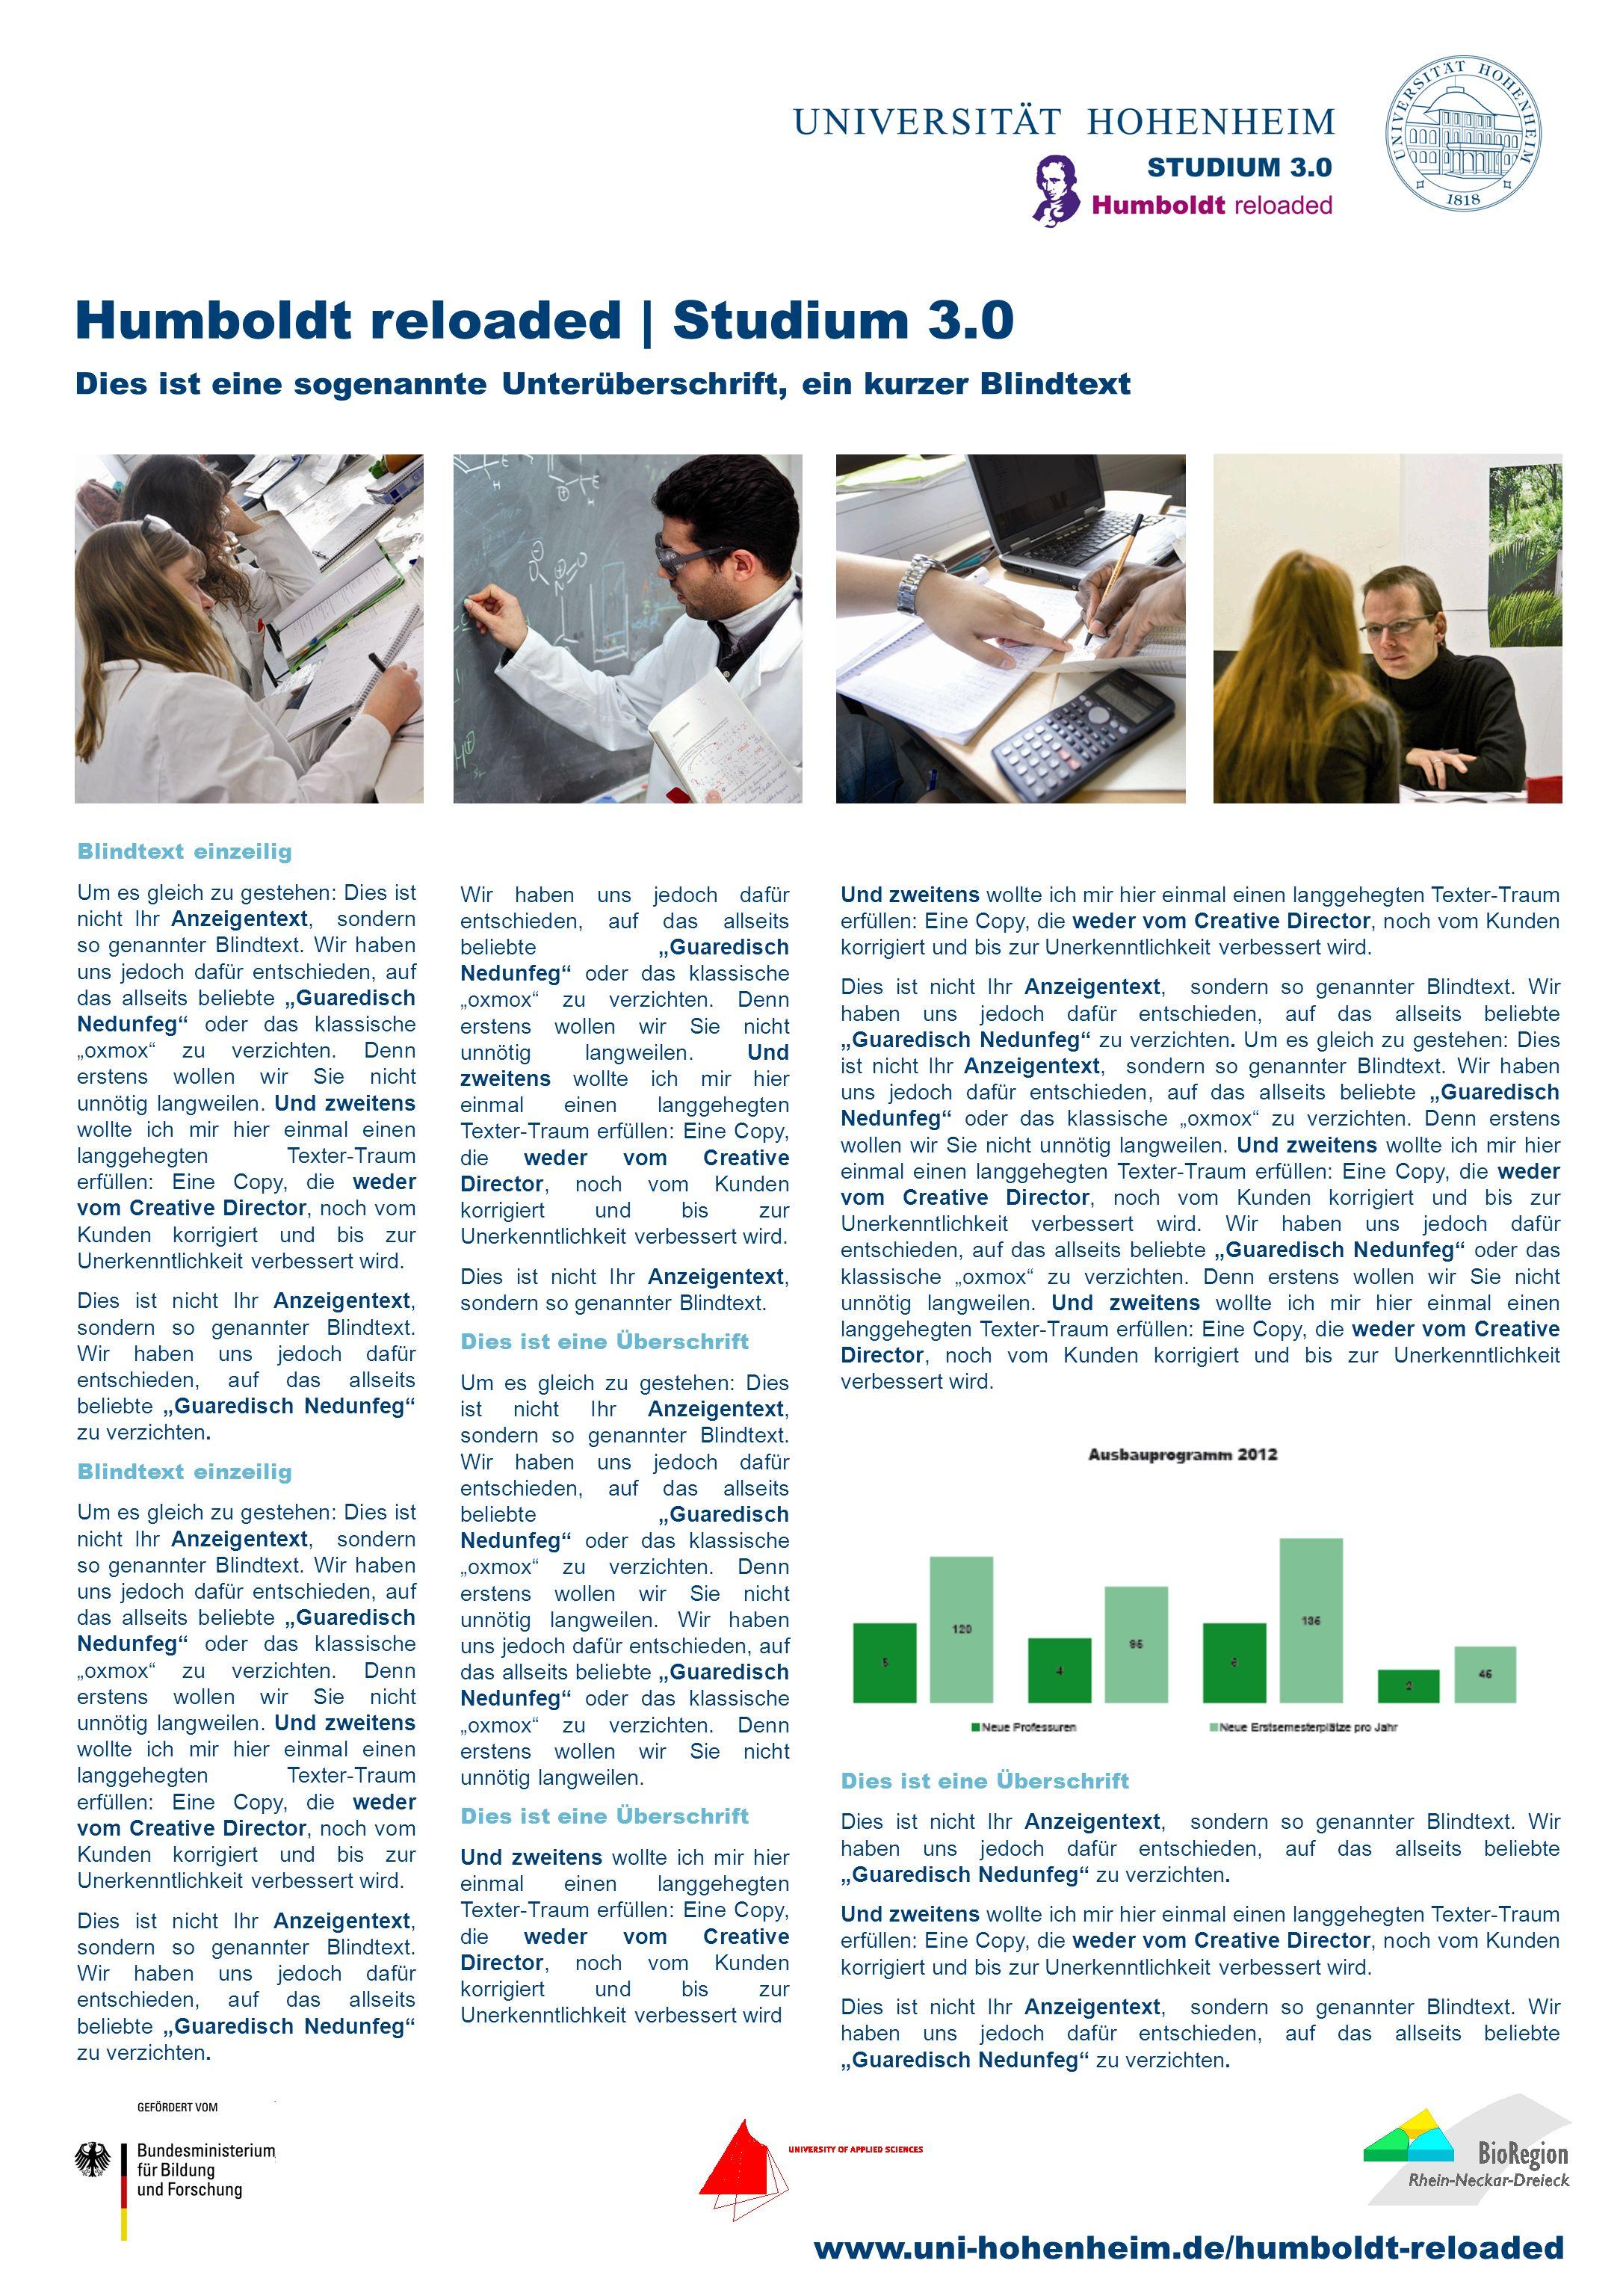 www.uni-hohenheim.de/humboldt-reloaded Humboldt reloaded | Studium 3.0 Dies ist eine sogenannte Unterüberschrift, ein kurzer Blindtext Blindtext einzeilig Um es gleich zu gestehen: Dies ist nicht Ihr Anzeigentext, sondern so genannter Blindtext.